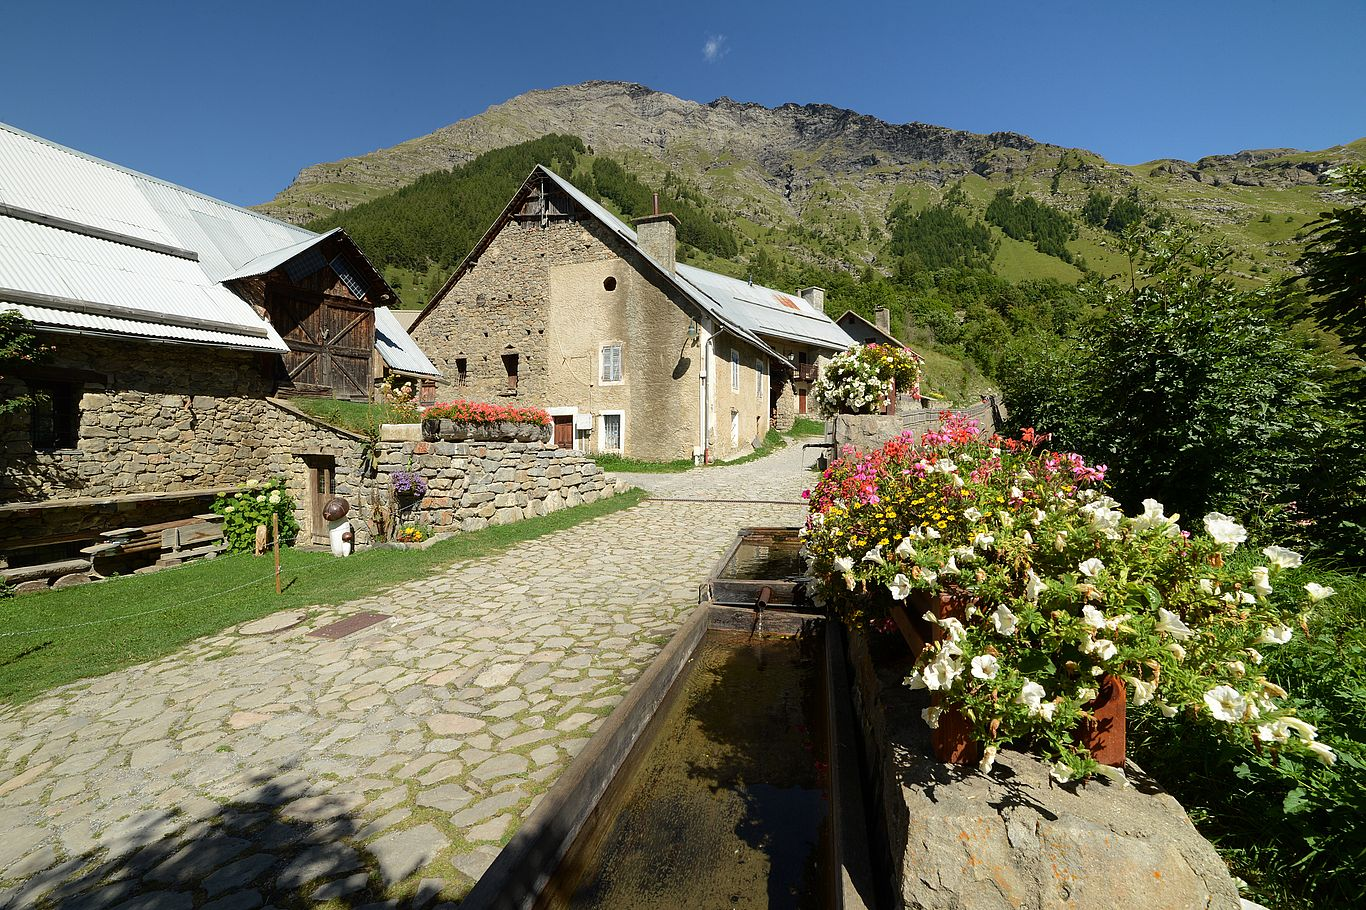 Village de Prapic - © Gilles Baron